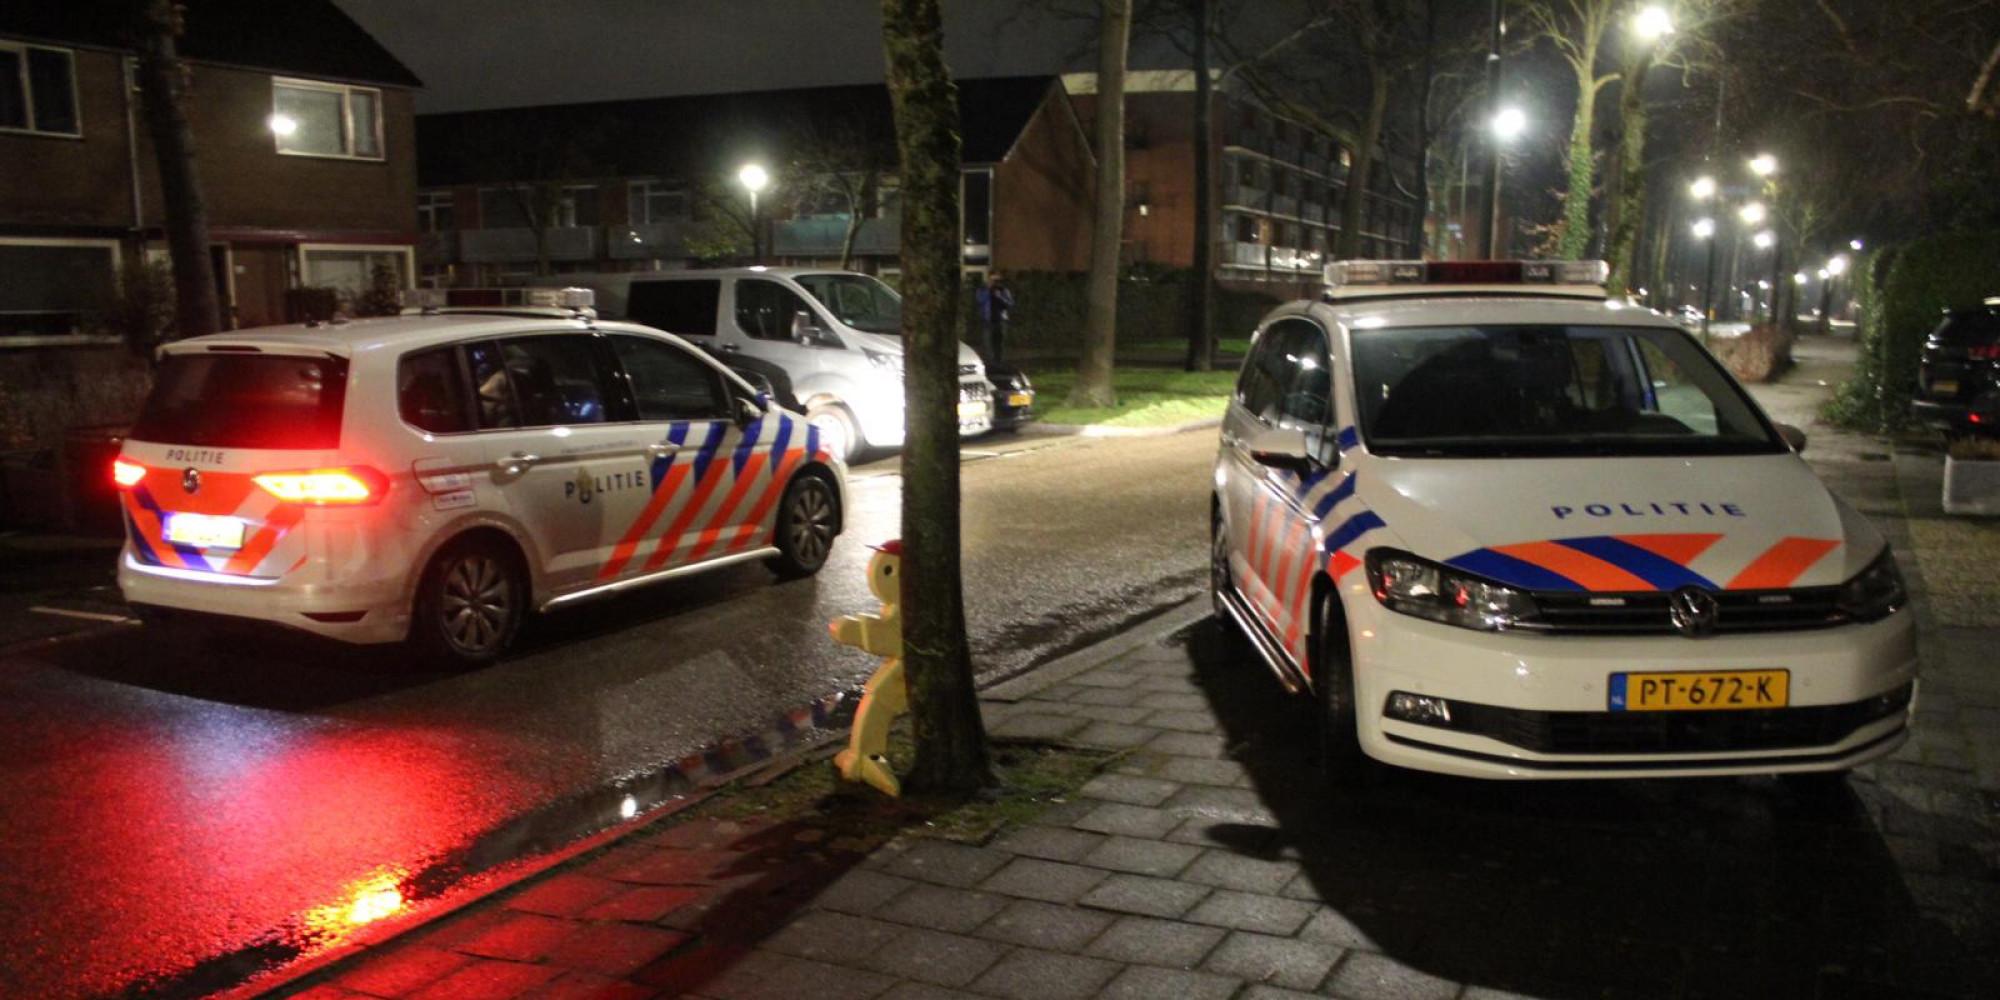 Steekincident in woning in Huizen 29 feb 20